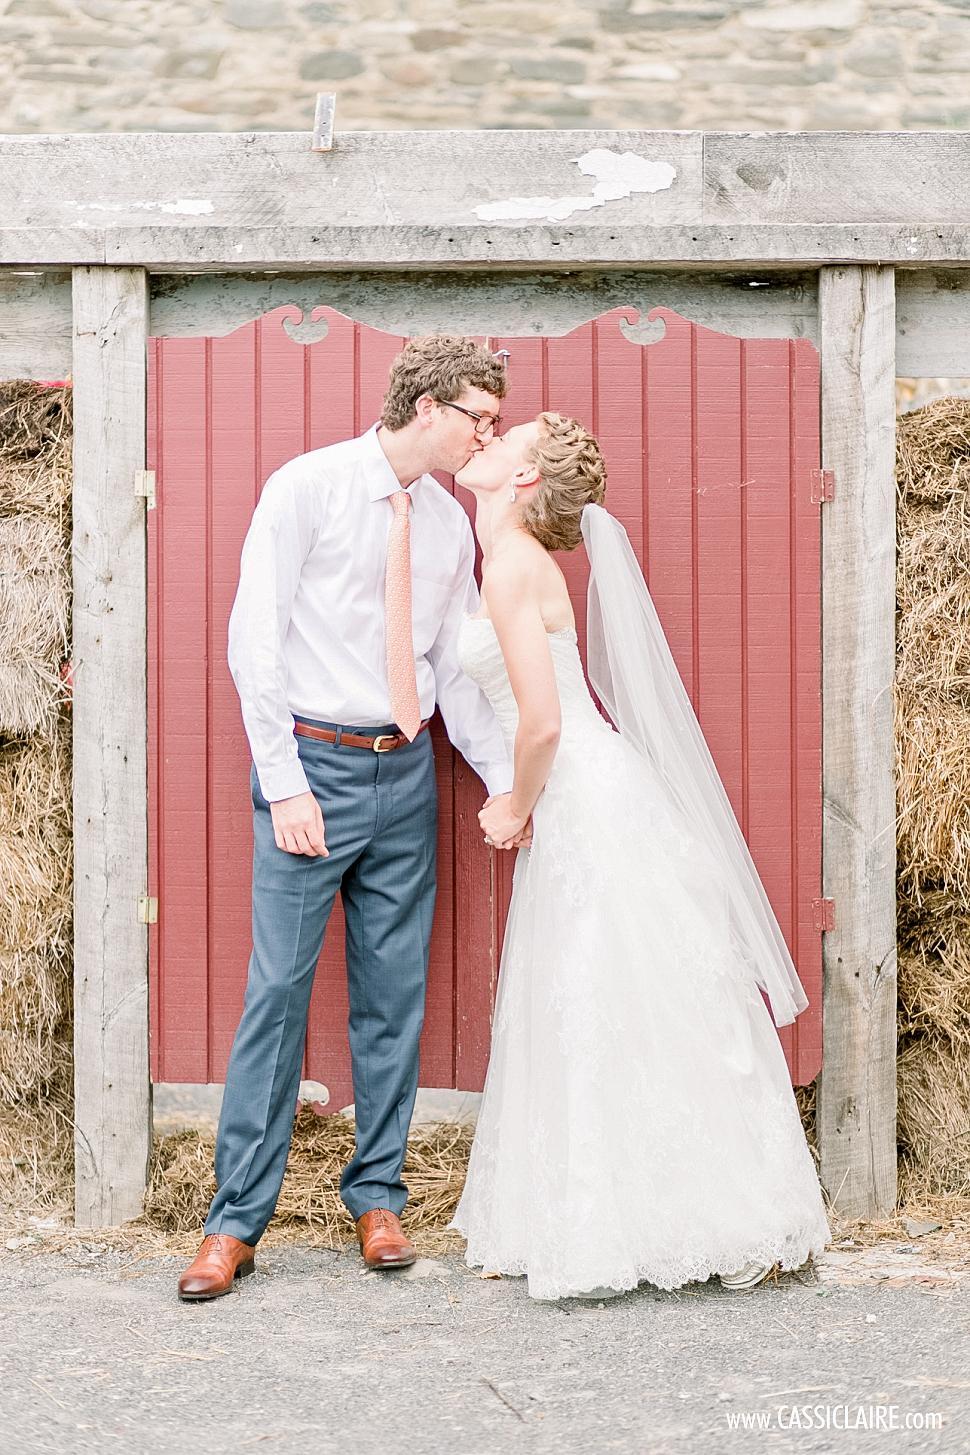 Red-Maple-Vineyard-Wedding_Cassi-Claire_21.jpg